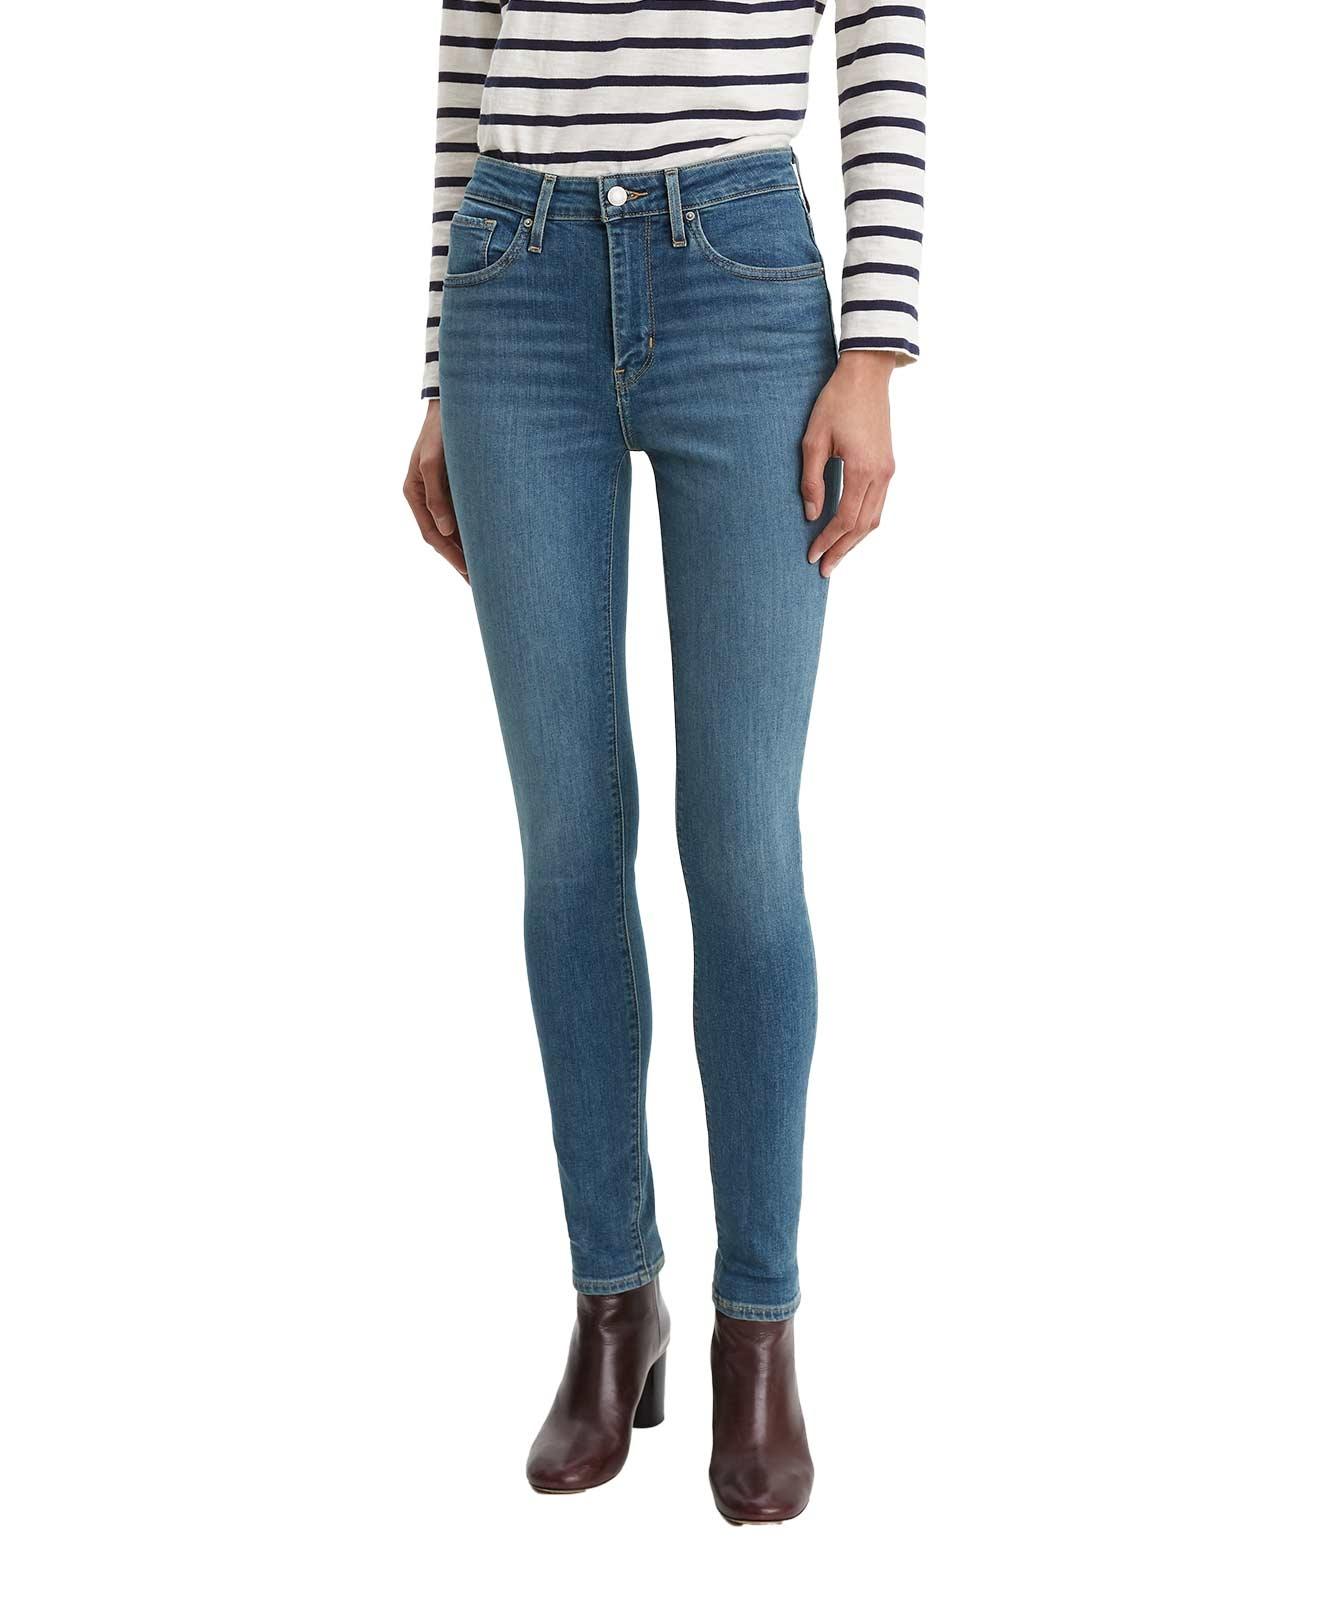 Hosen für Frauen - Levis 721 helle Skinny Jeans mit hohem Bund  - Onlineshop Jeans Meile